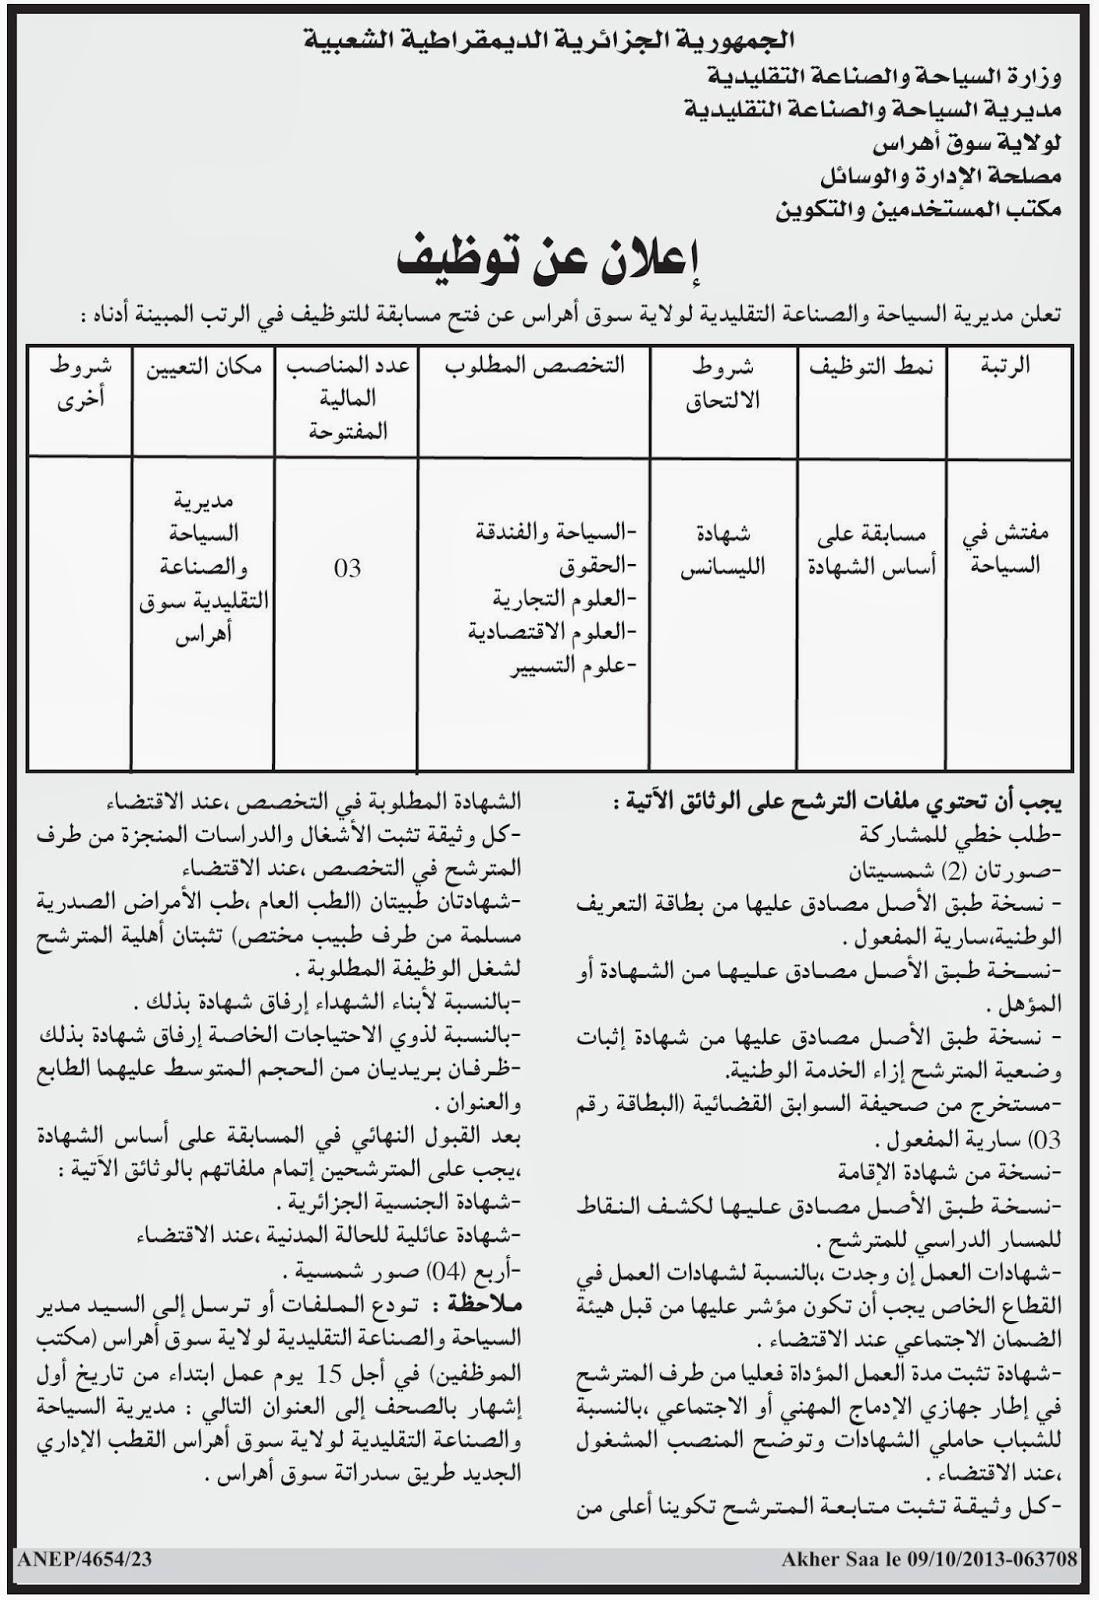 التوظيف في الجزائر : مسابقة توظيف في مديرية السياحة و الصناعة لولاية سوق أهراس أكتوبر 2013